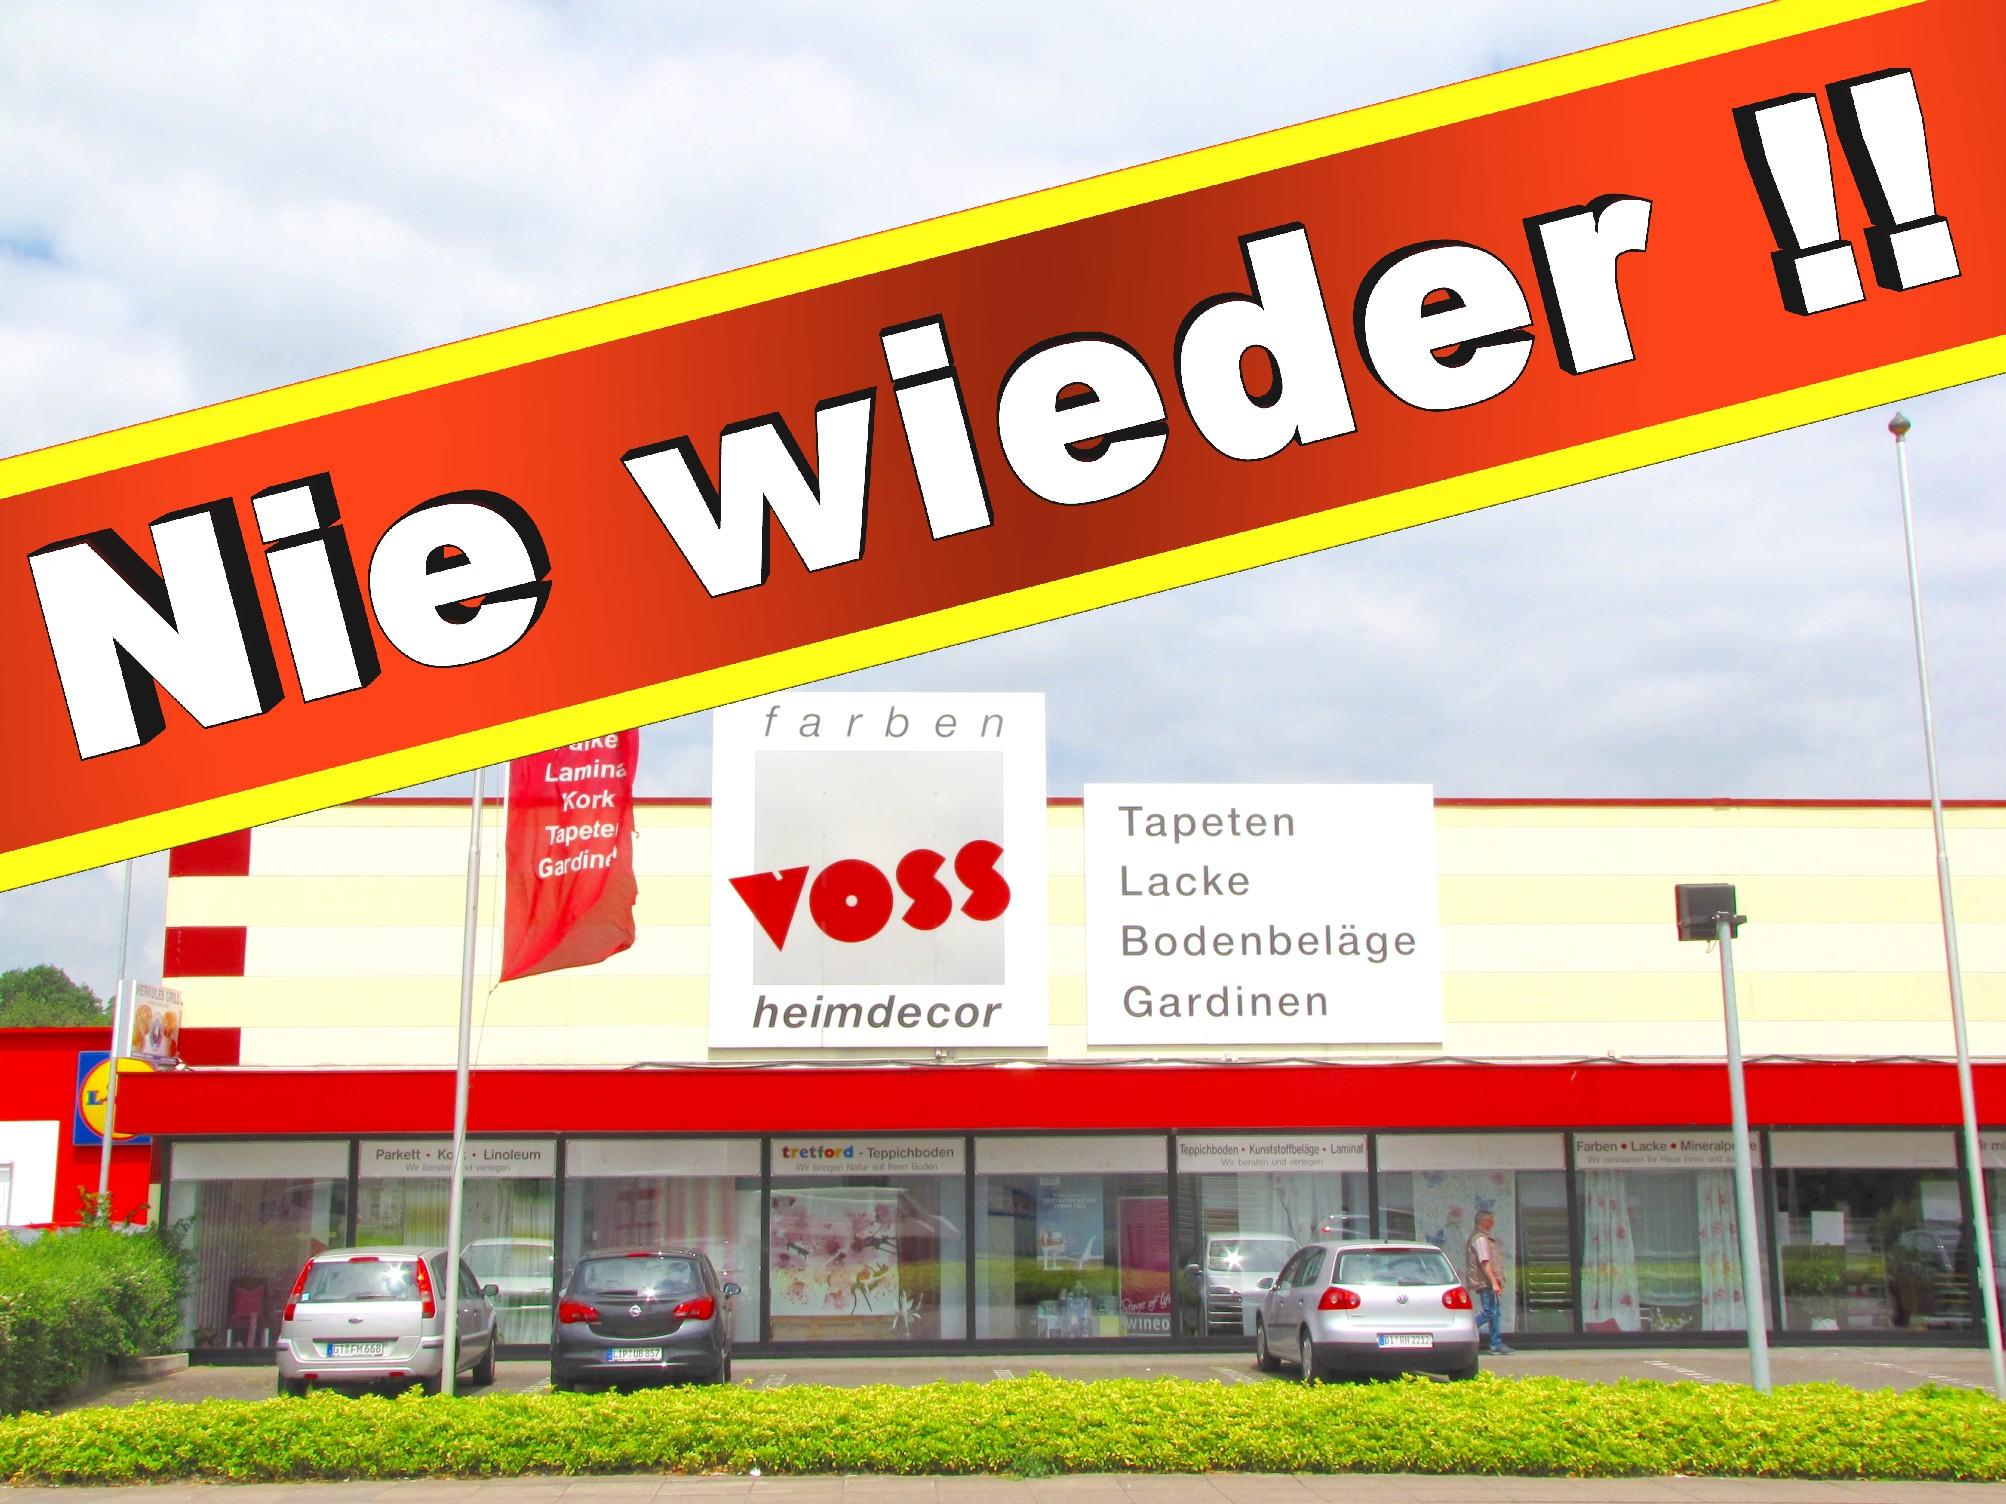 Farben Voss (5)